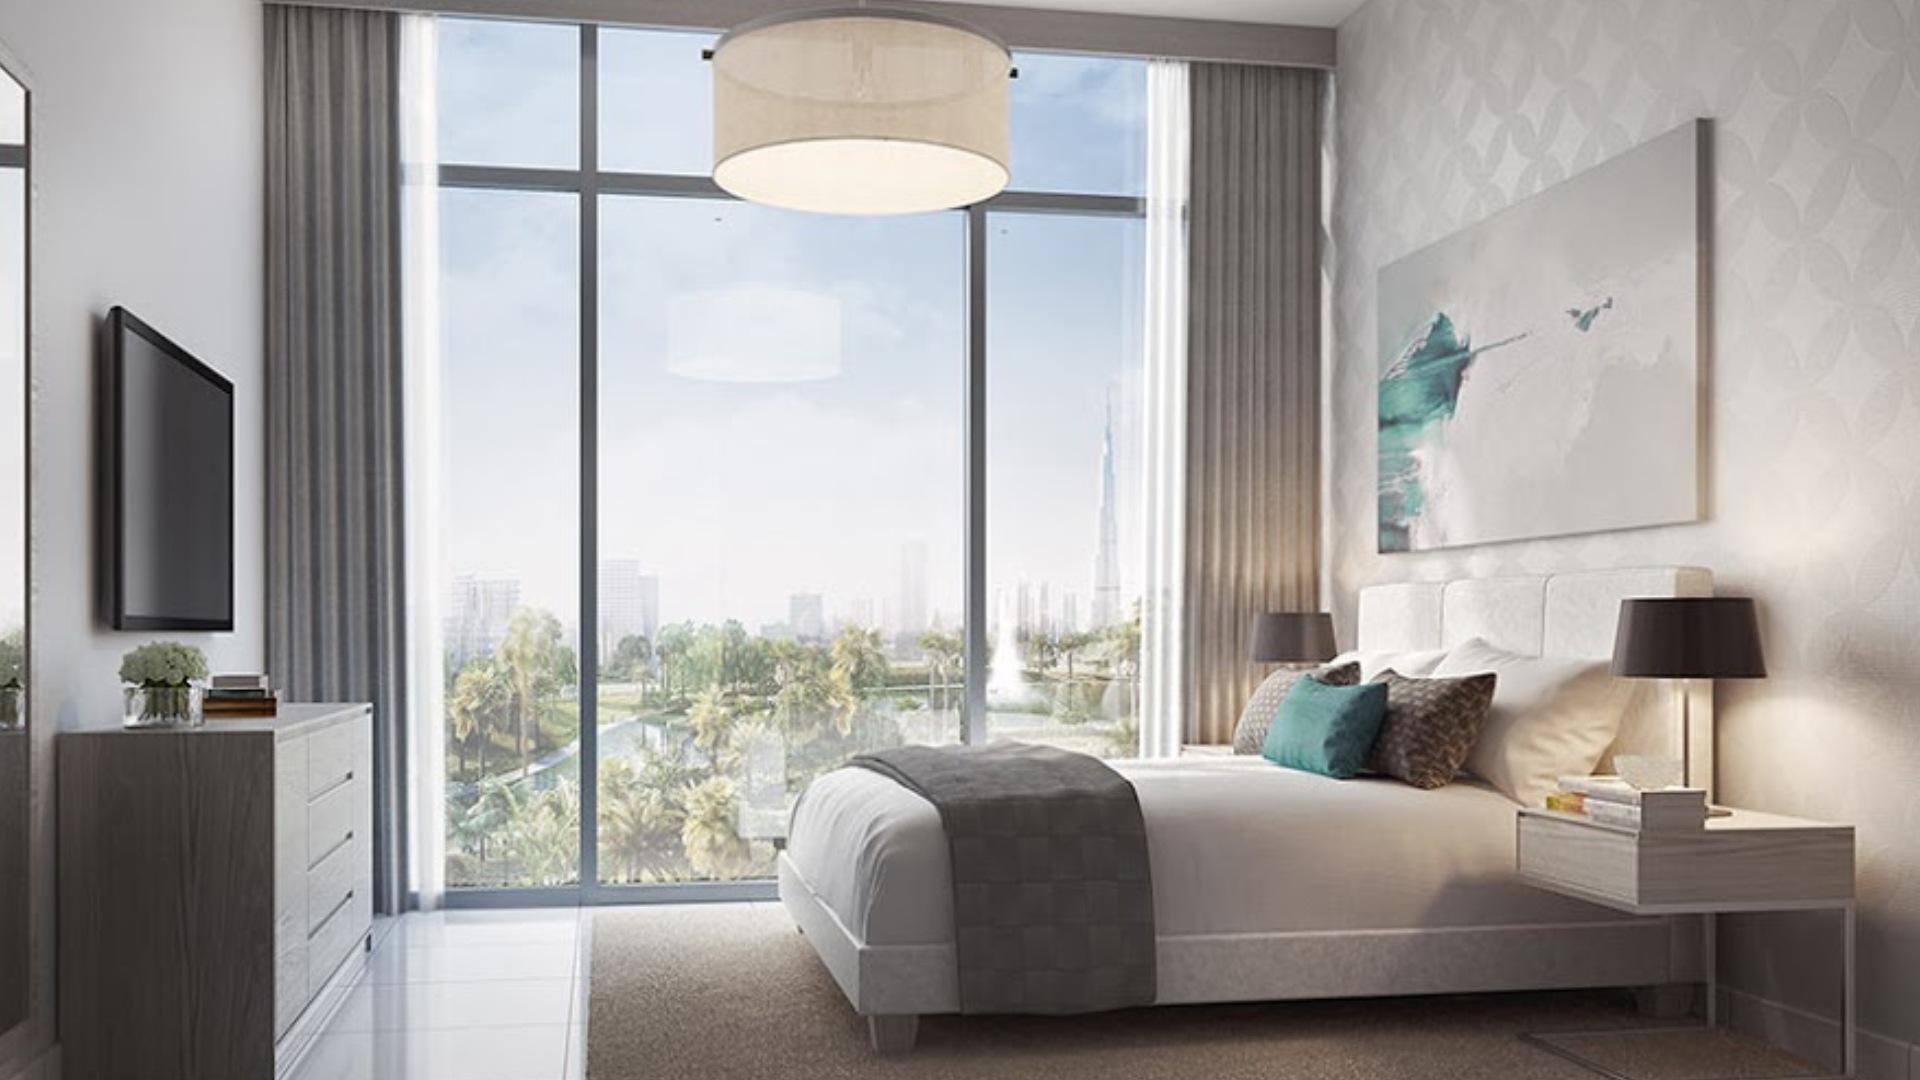 Apartment for sale in Dubai, UAE, 1 bedroom, 67 m2, No. 24277 – photo 4